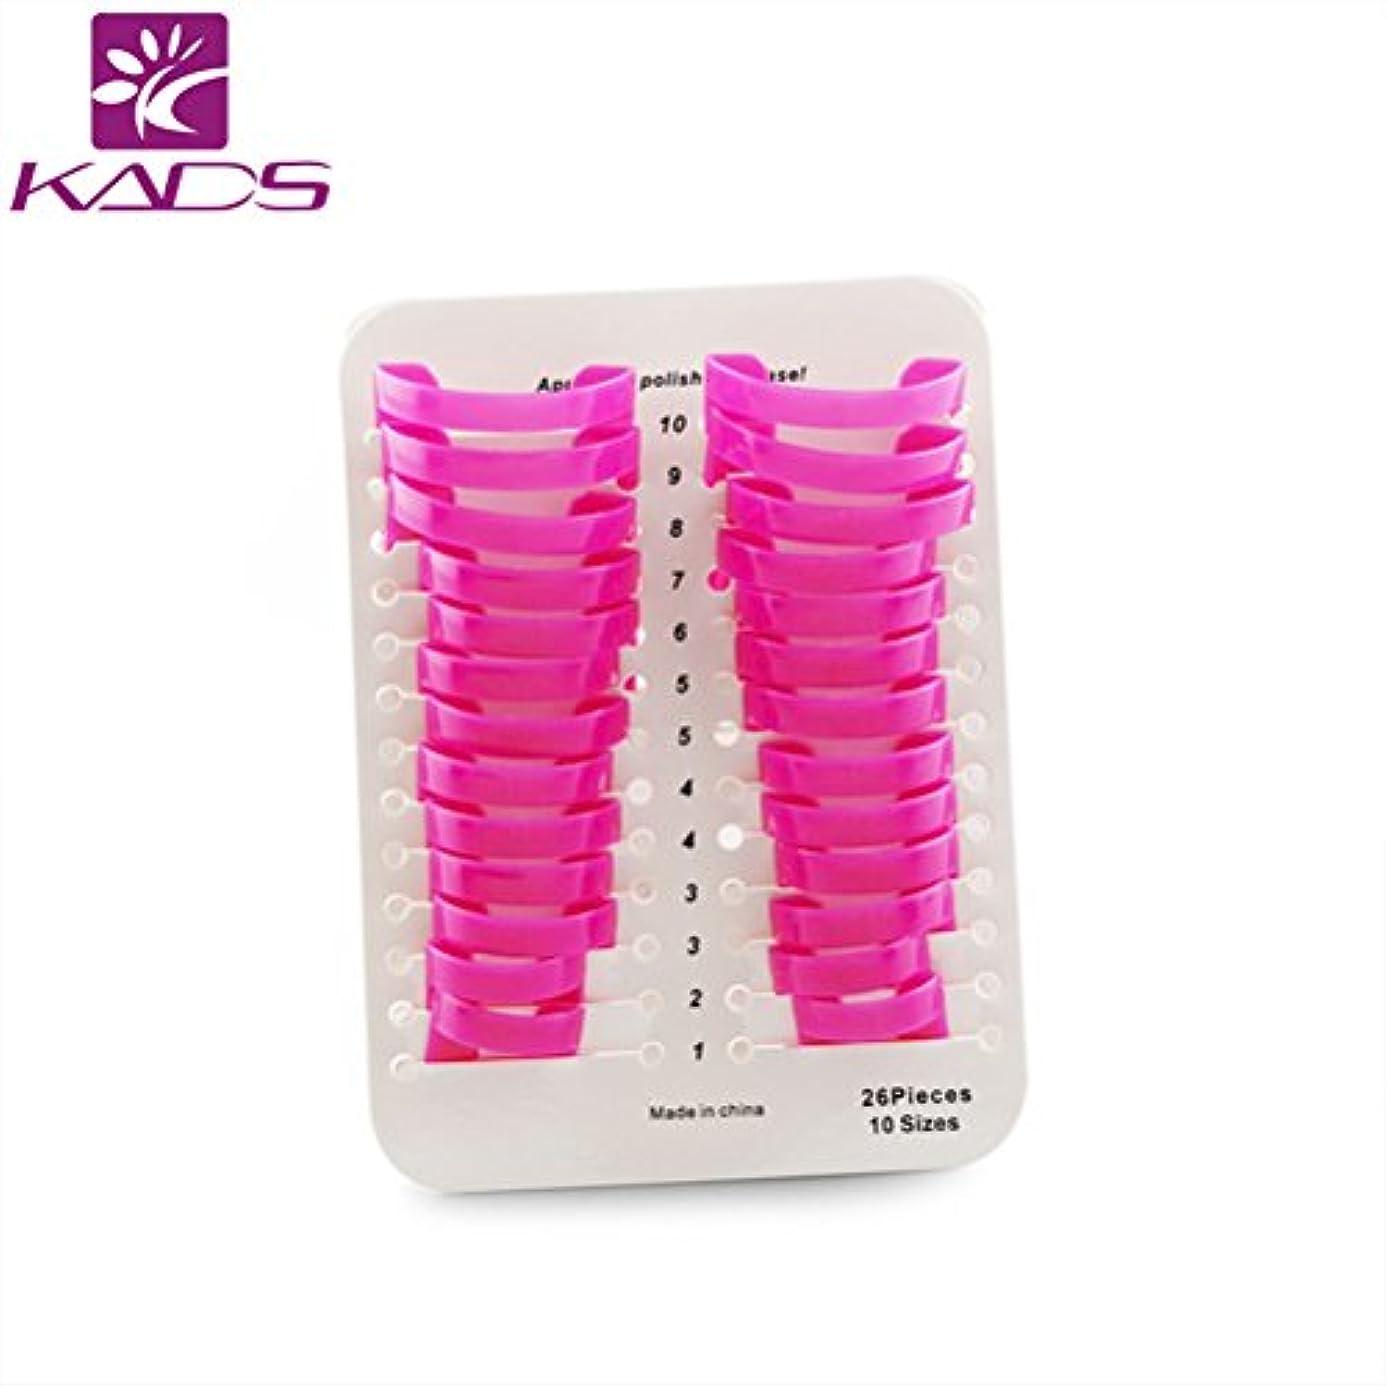 KADS ネイルカバー ネイルプロテクター はみ出し防止 マニキュアネイルケアステンシル 26枚入り